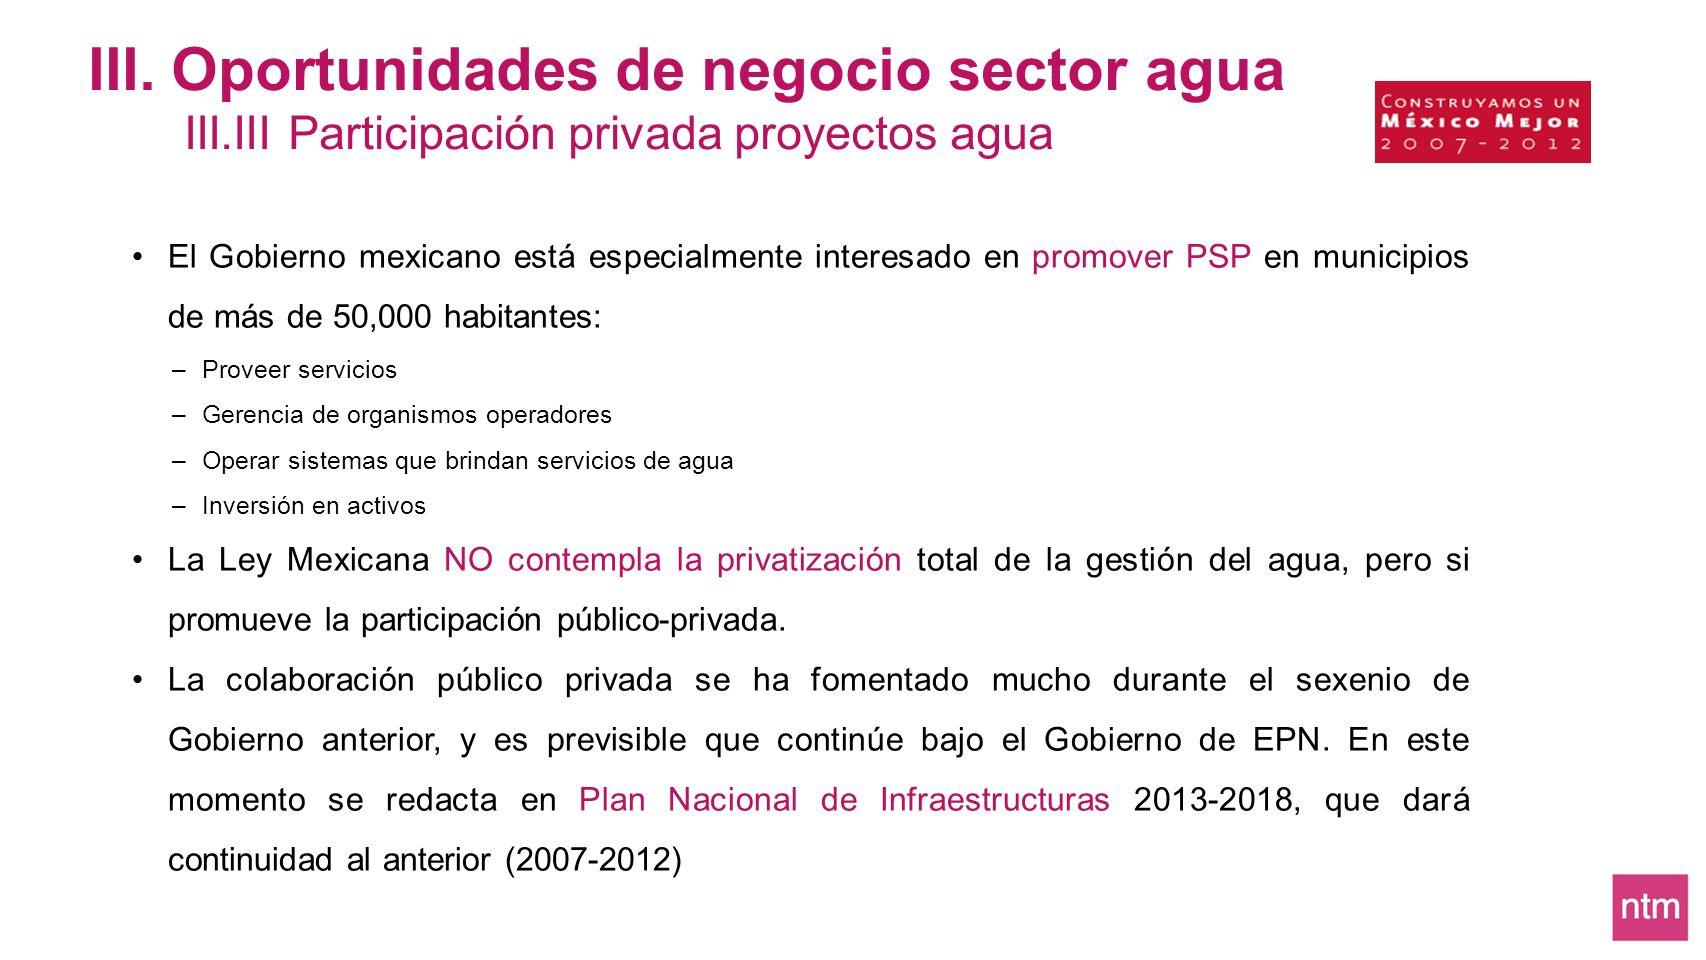 III. Oportunidades de negocio sector agua III.III Participación privada proyectos agua El Gobierno mexicano está especialmente interesado en promover